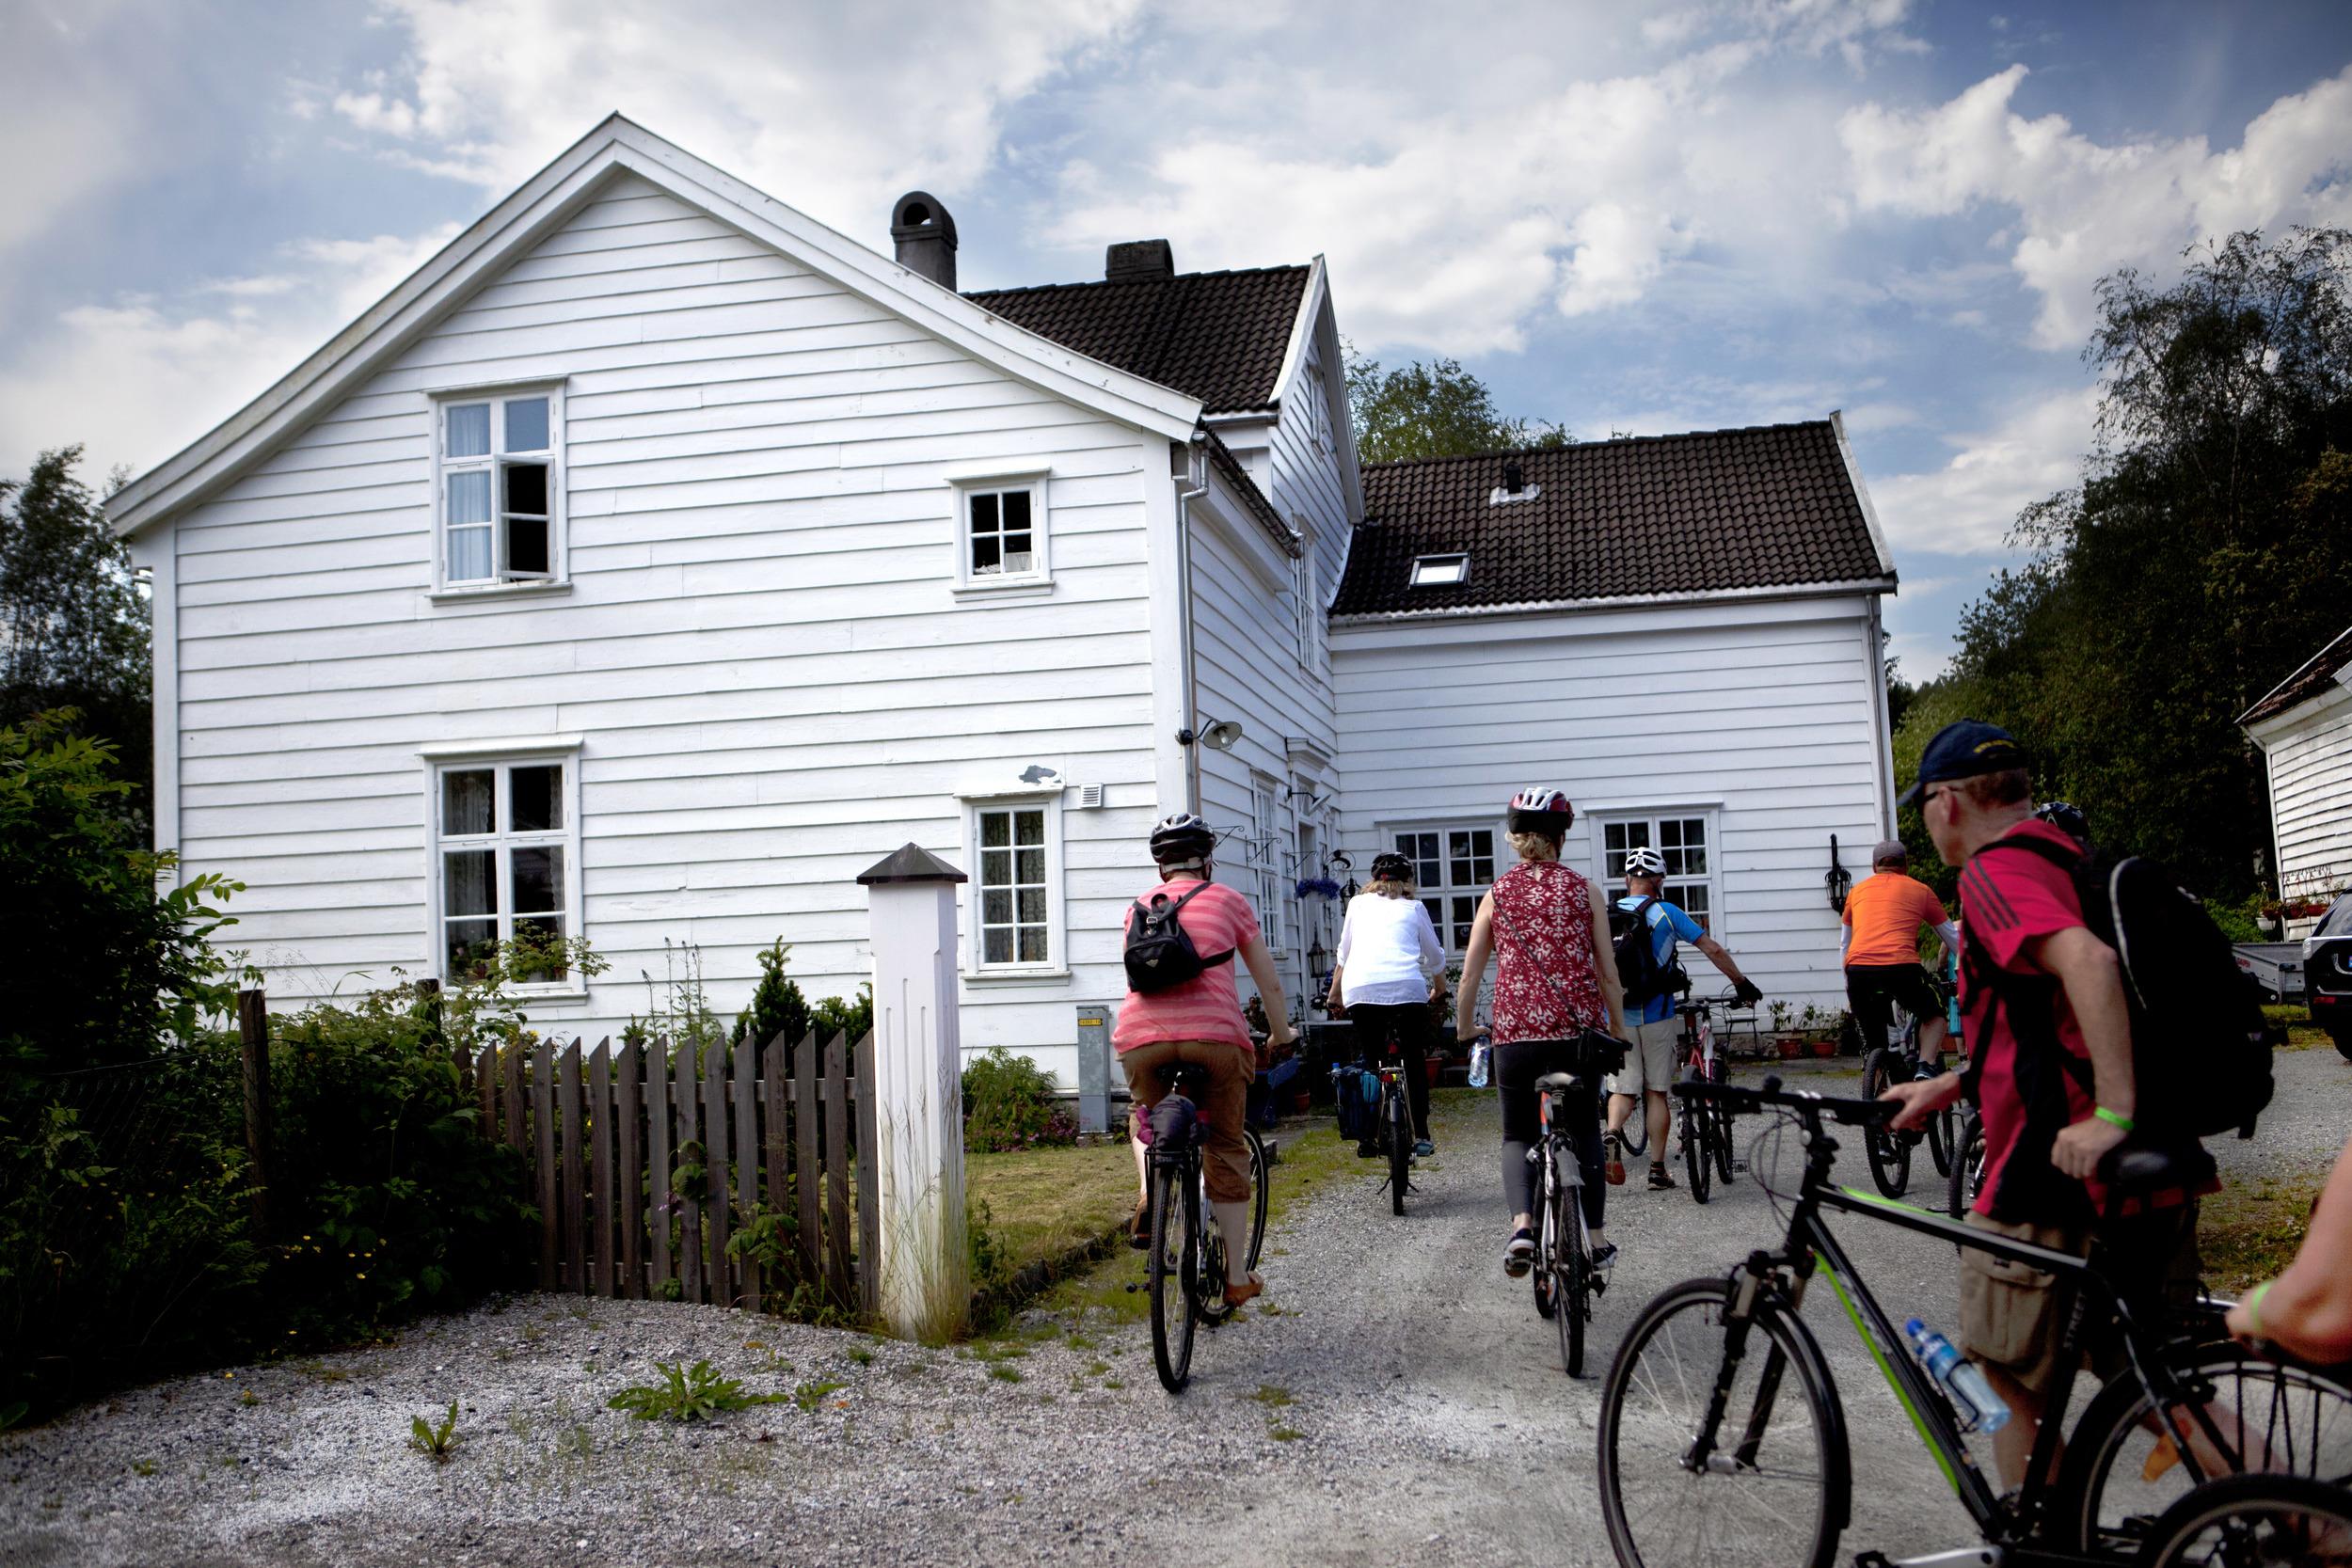 IMG_3555 - blåtur på sykkel - ulrika boden - prestegarden - 2. juli - heidi hattestein.jpg